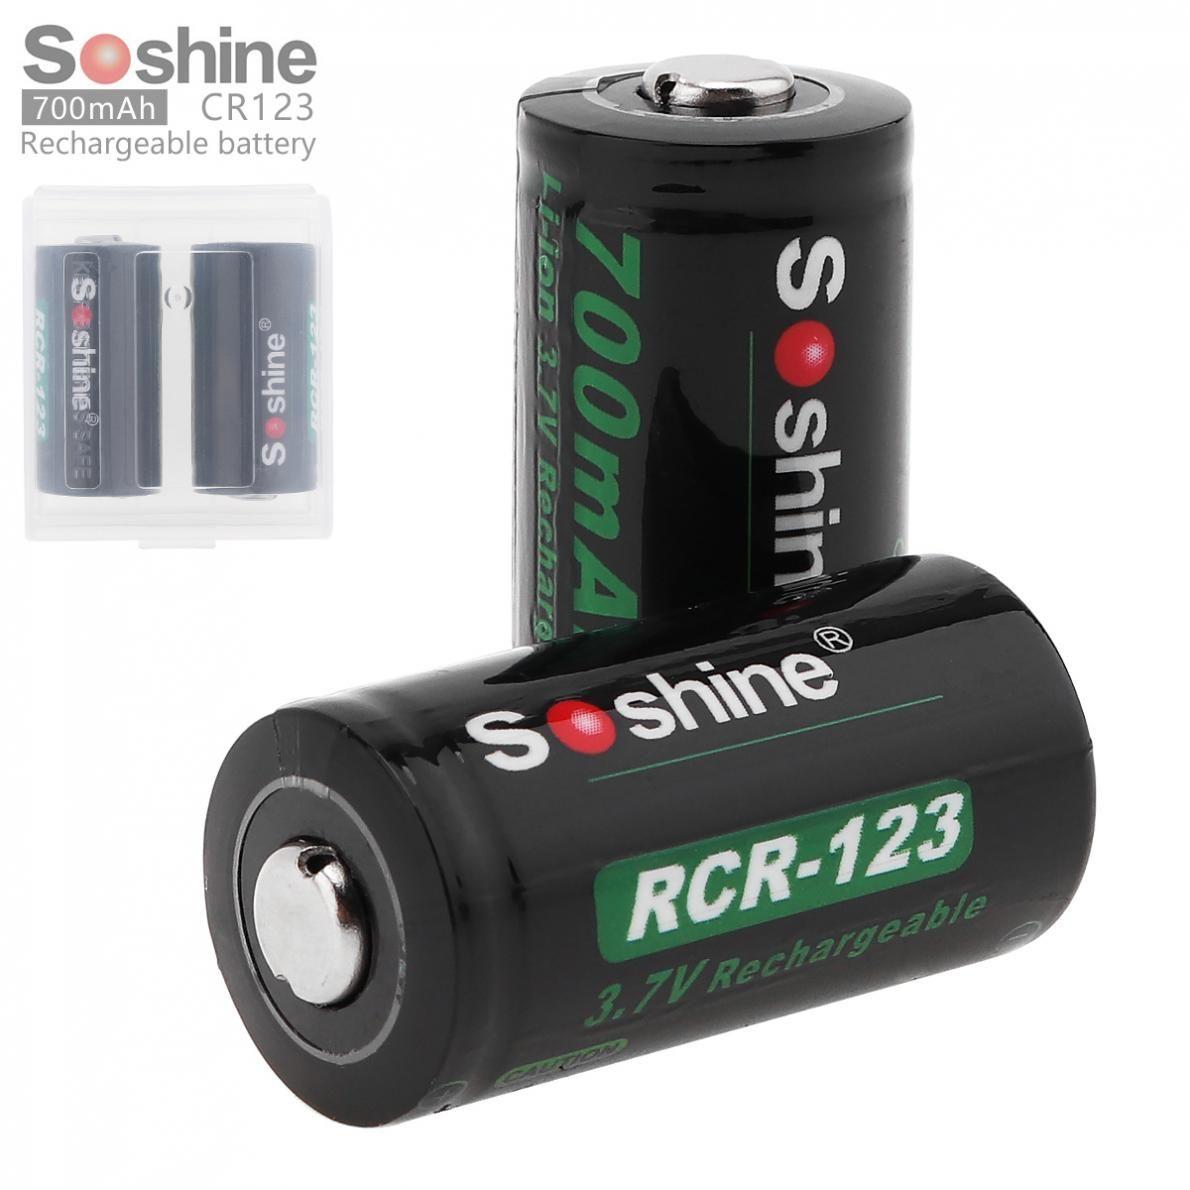 4 pièces Soshine Li-ion 700 mAh 3.7 V 16340 batterie Rechargeable Lithium Li-ion CR123A + 2 piles boîte de rangement